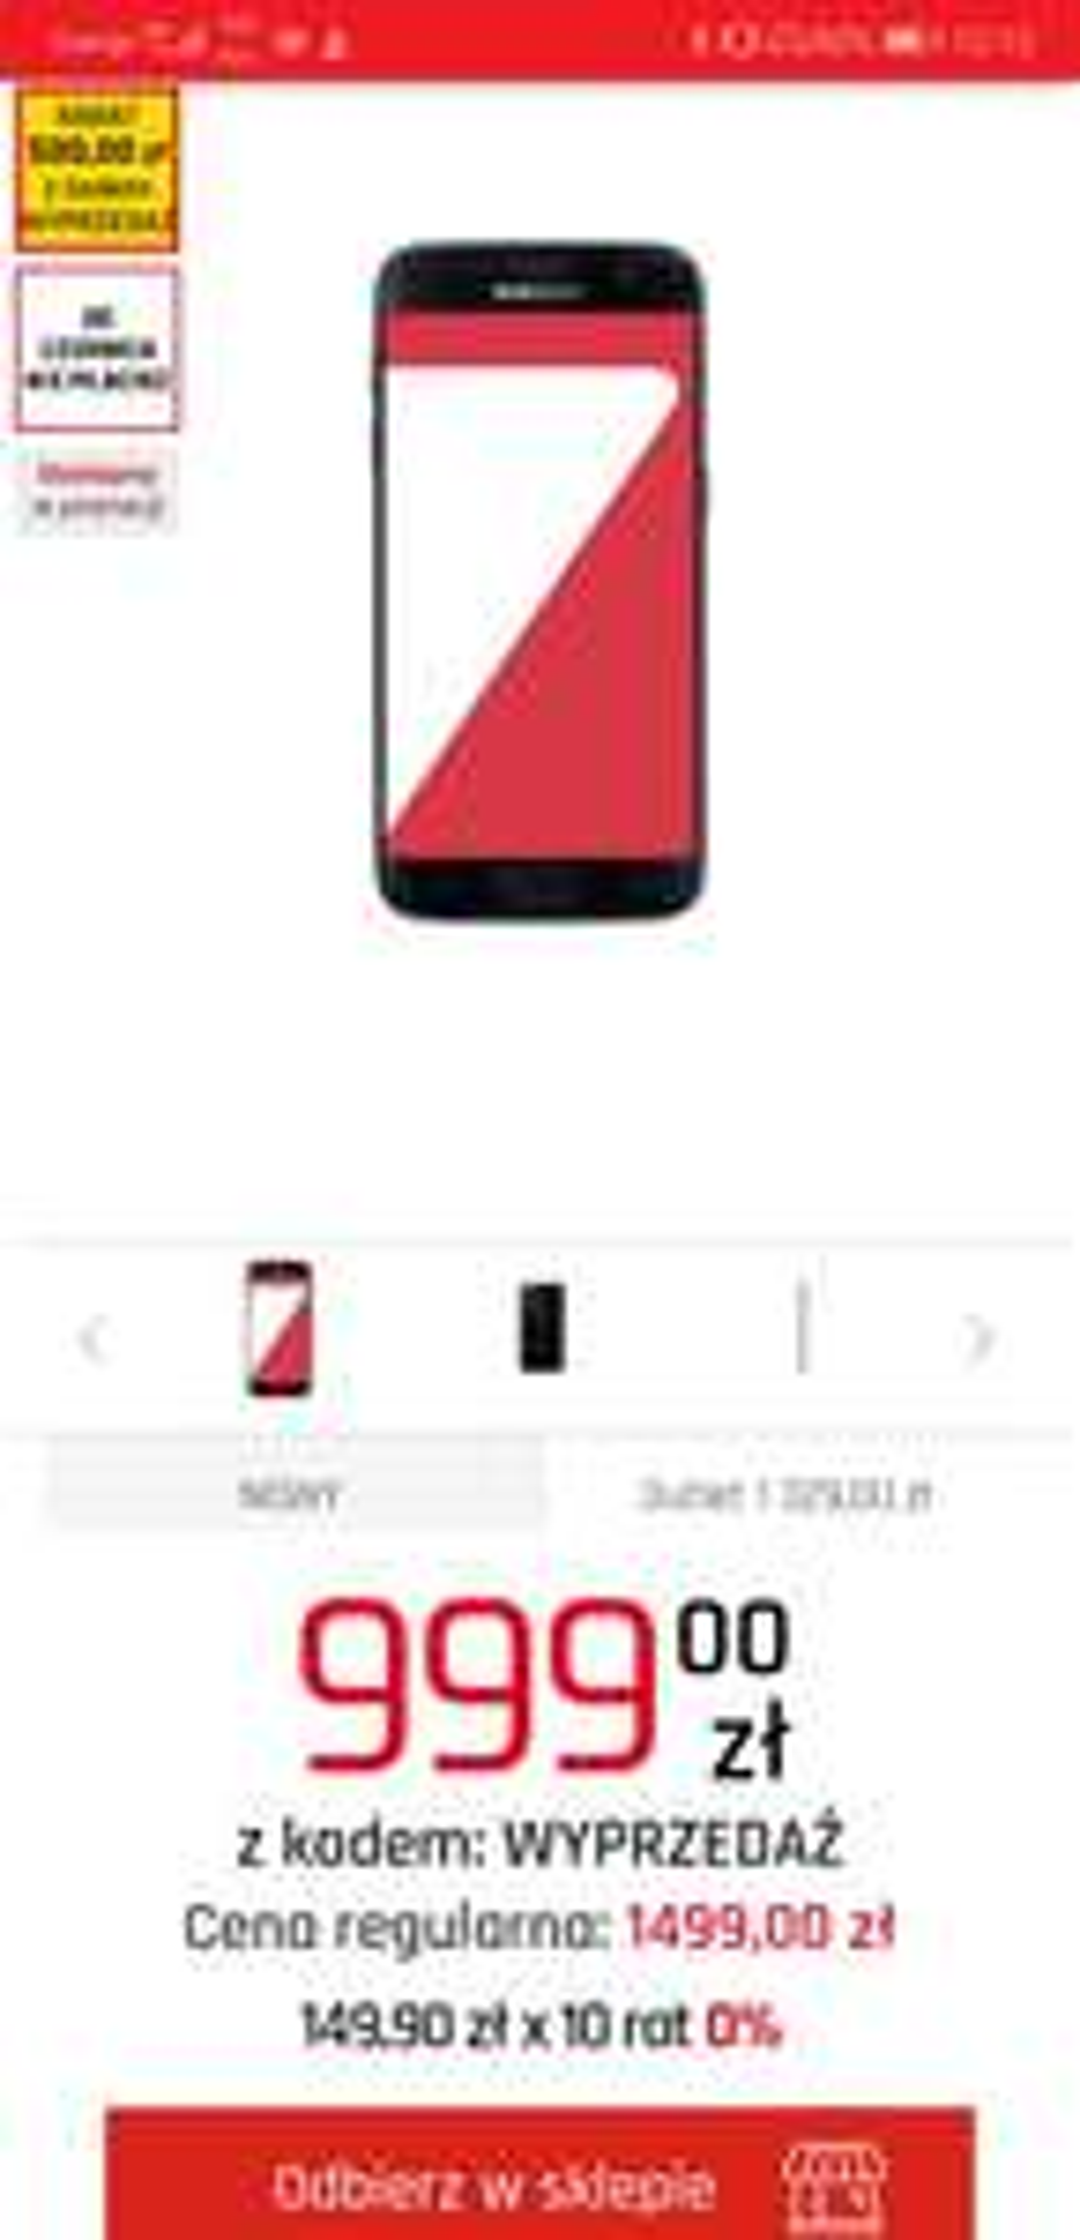 Stary ale jary Samsung Galaxy S7 z kodem za 999 zł w NEONET (nowy) dwa kolory